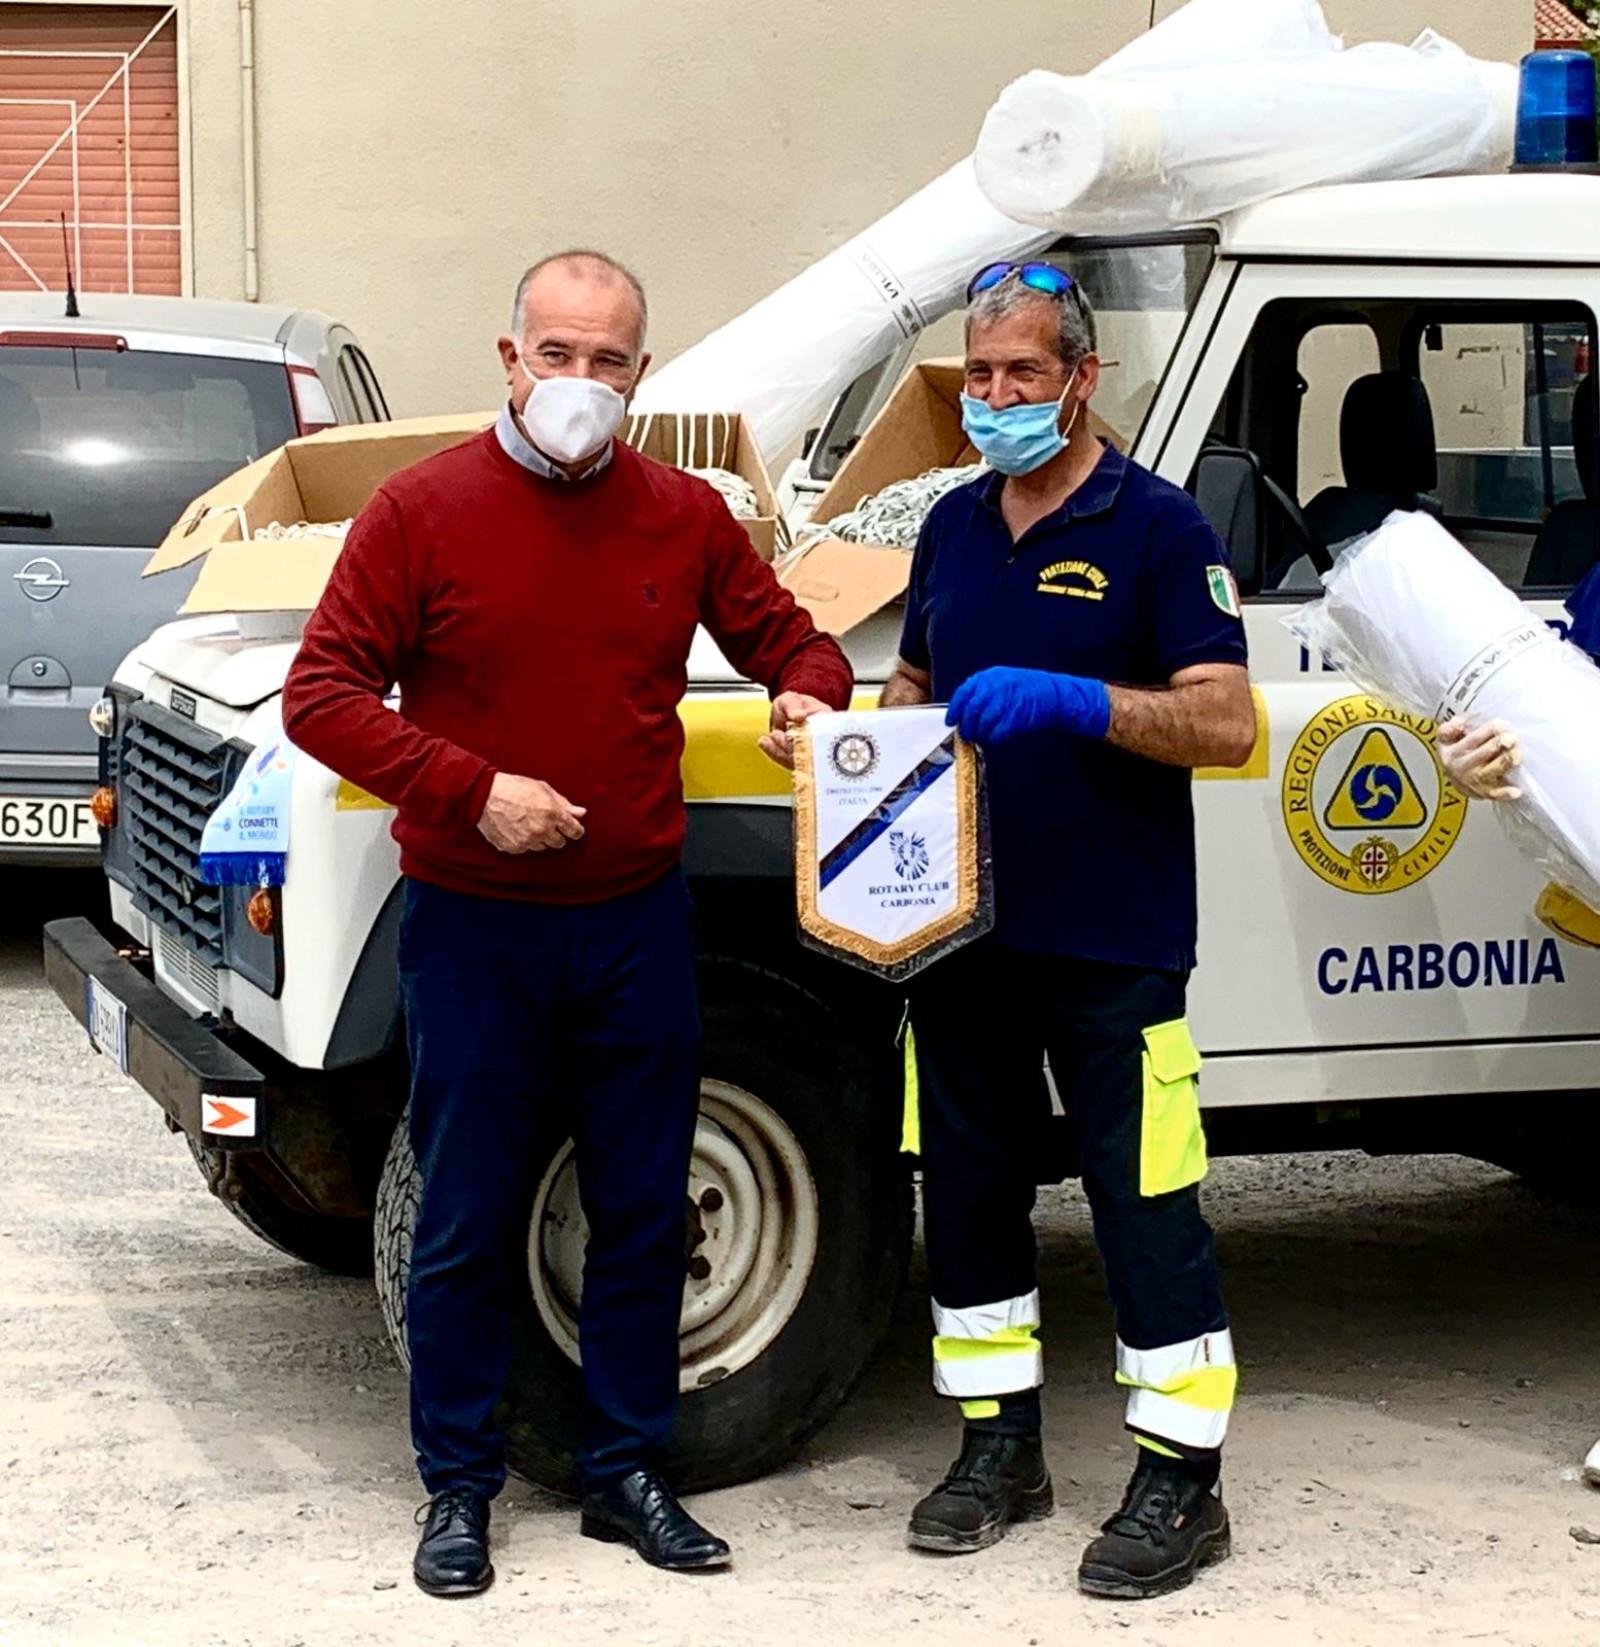 Gallery - Prevenzione COVID 19 - Donazione di materiale per la realizzazione di mascherine alla Protezione Civile di Carbonia